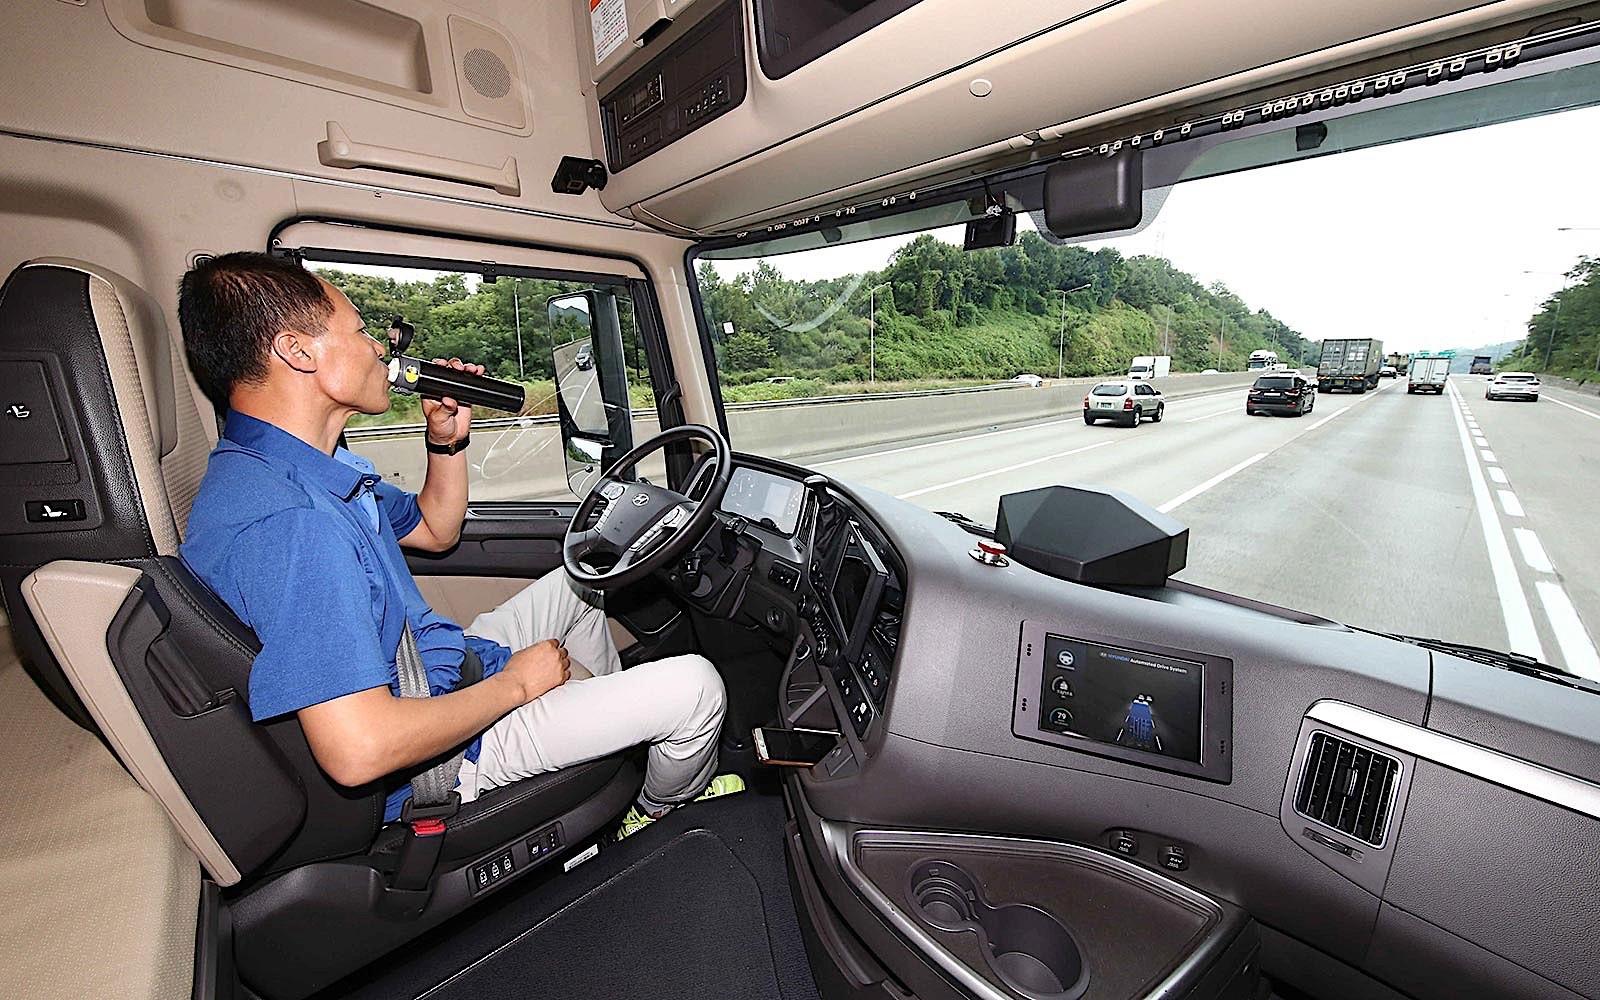 现代半自动驾驶卡车在韩路试成功 可自动变道